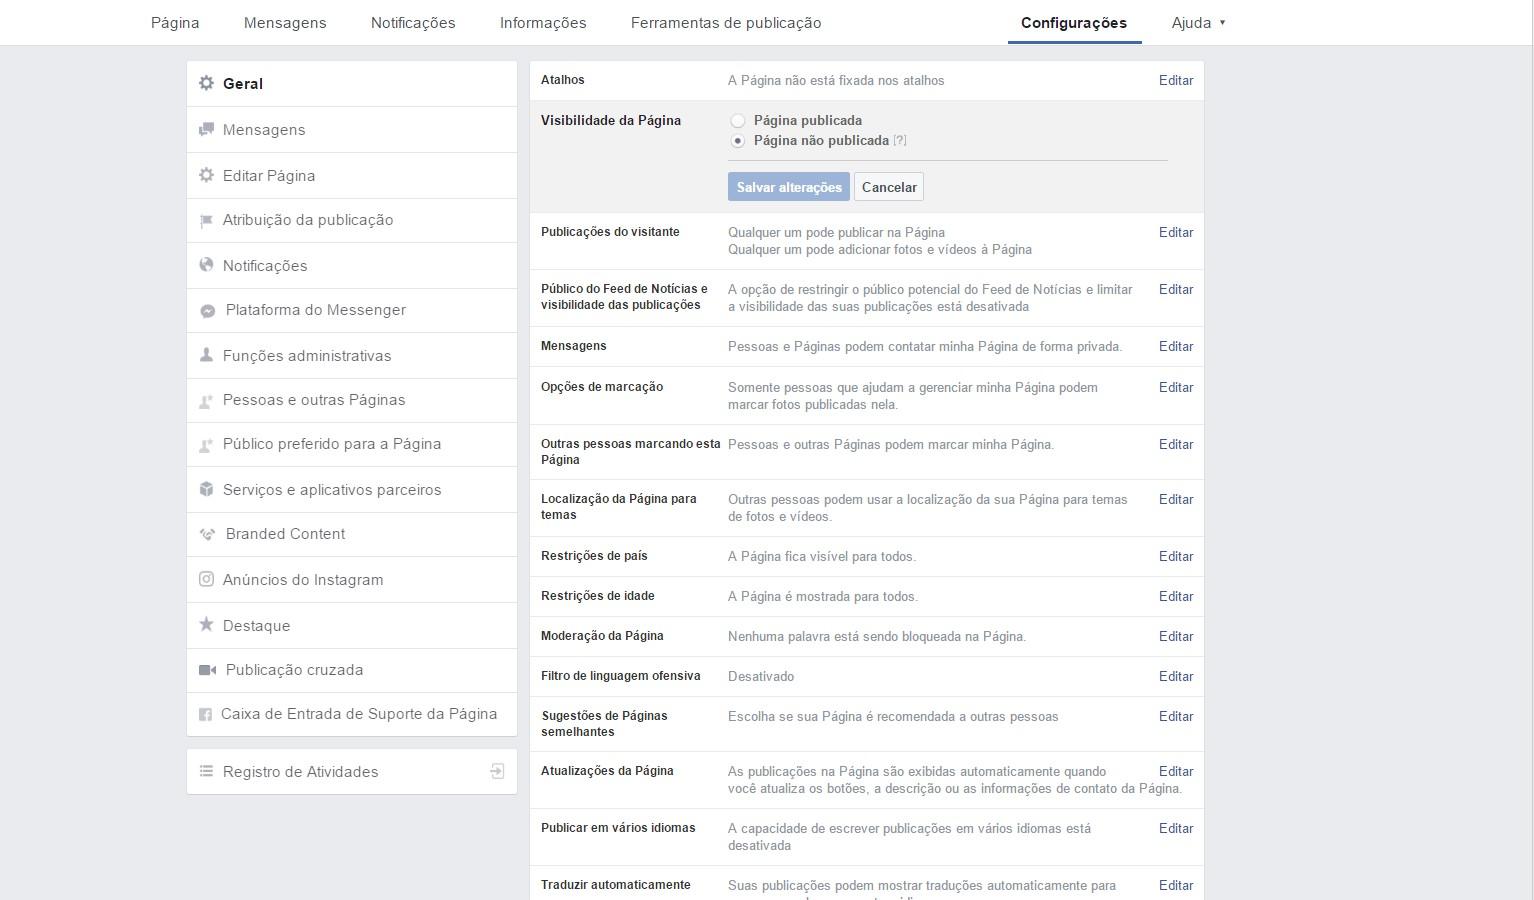 como-criar-uma-pagina-no-facebook-configuracao-da-pagina